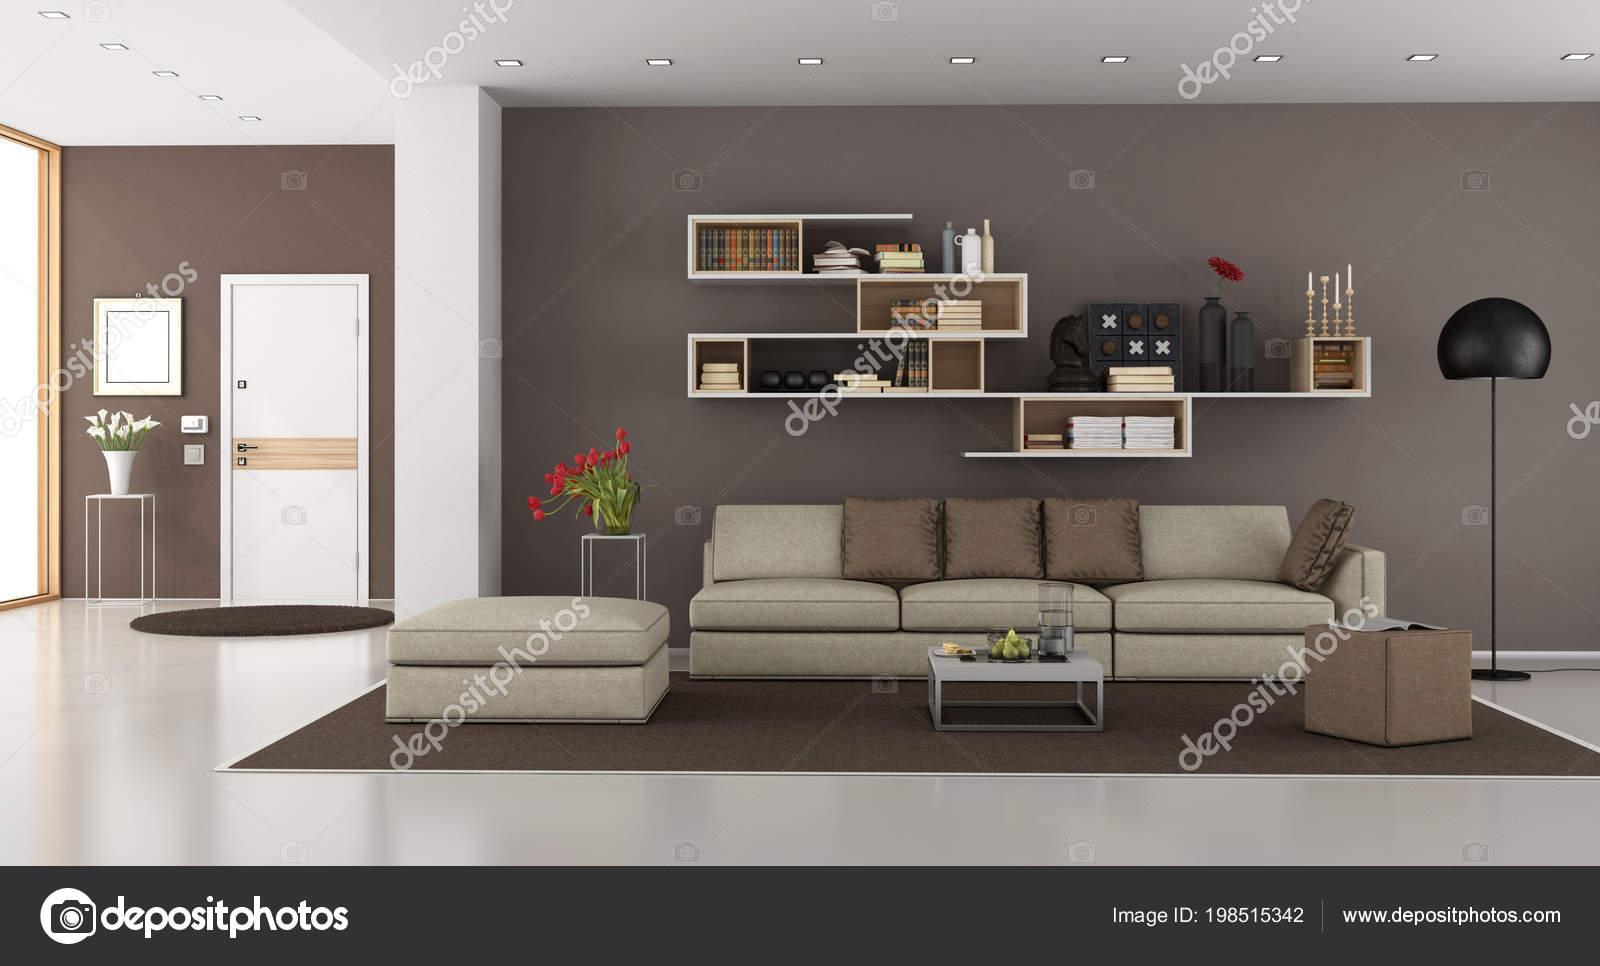 Soggiorno una casa moderna con divano una libreria porta for Immagini arredamento casa moderna